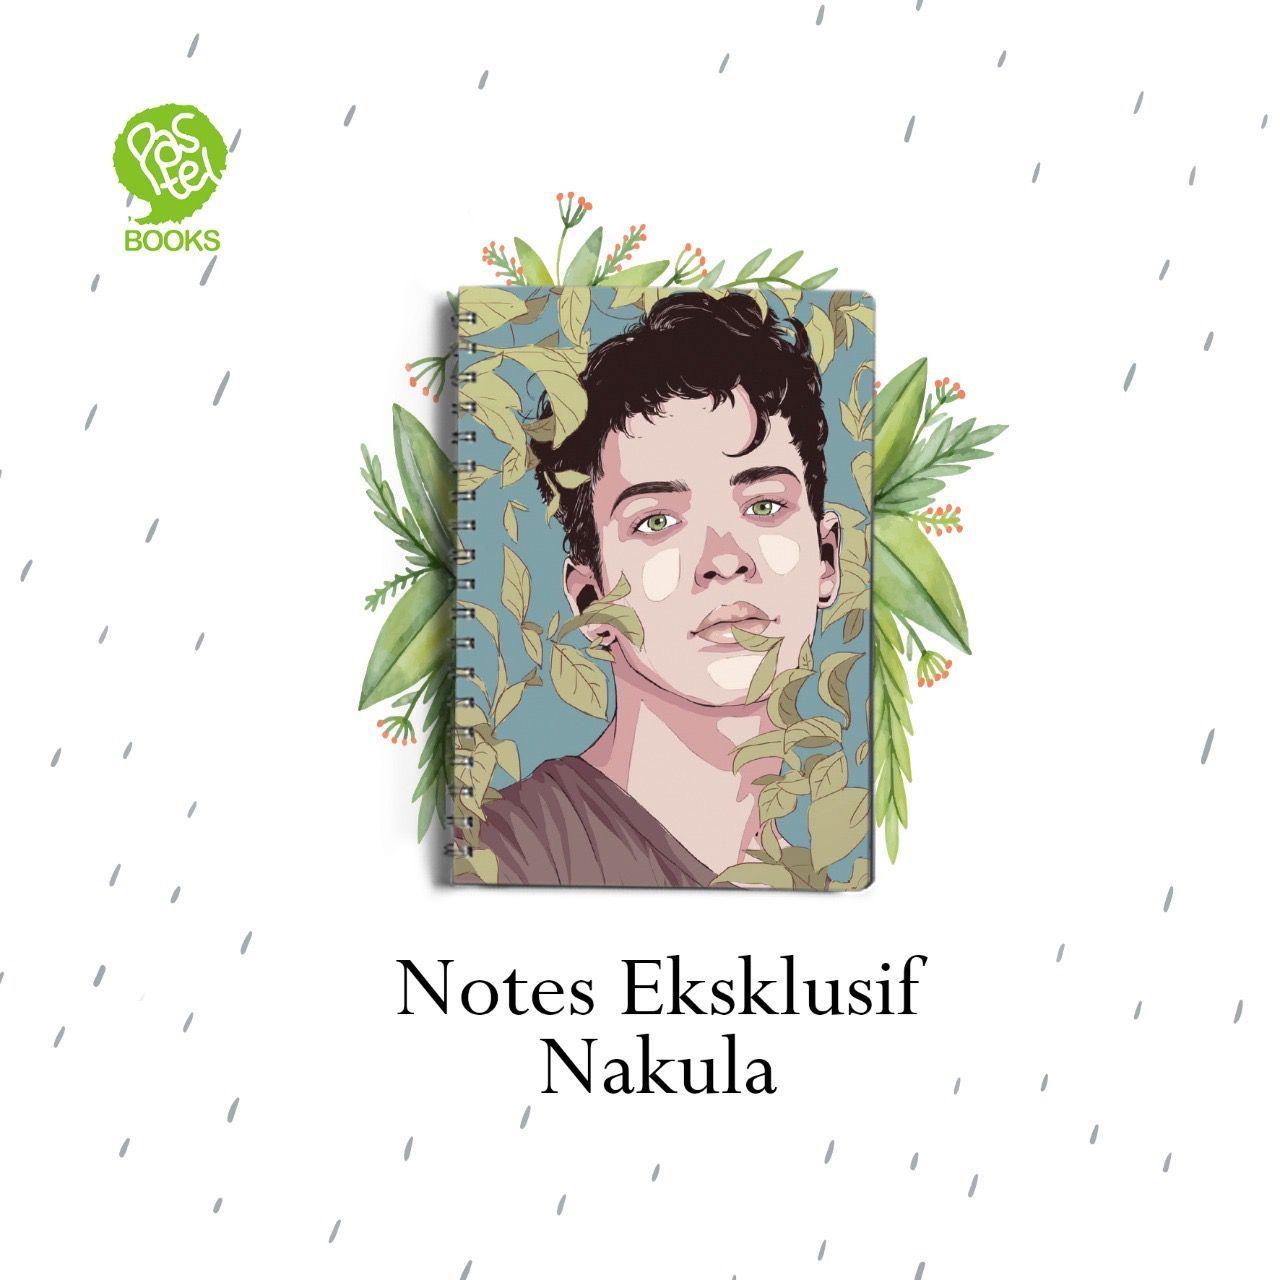 Kedua, kalian akan dapat tanda tangan aku+block note eksklusif sampul muka Nakula!!!